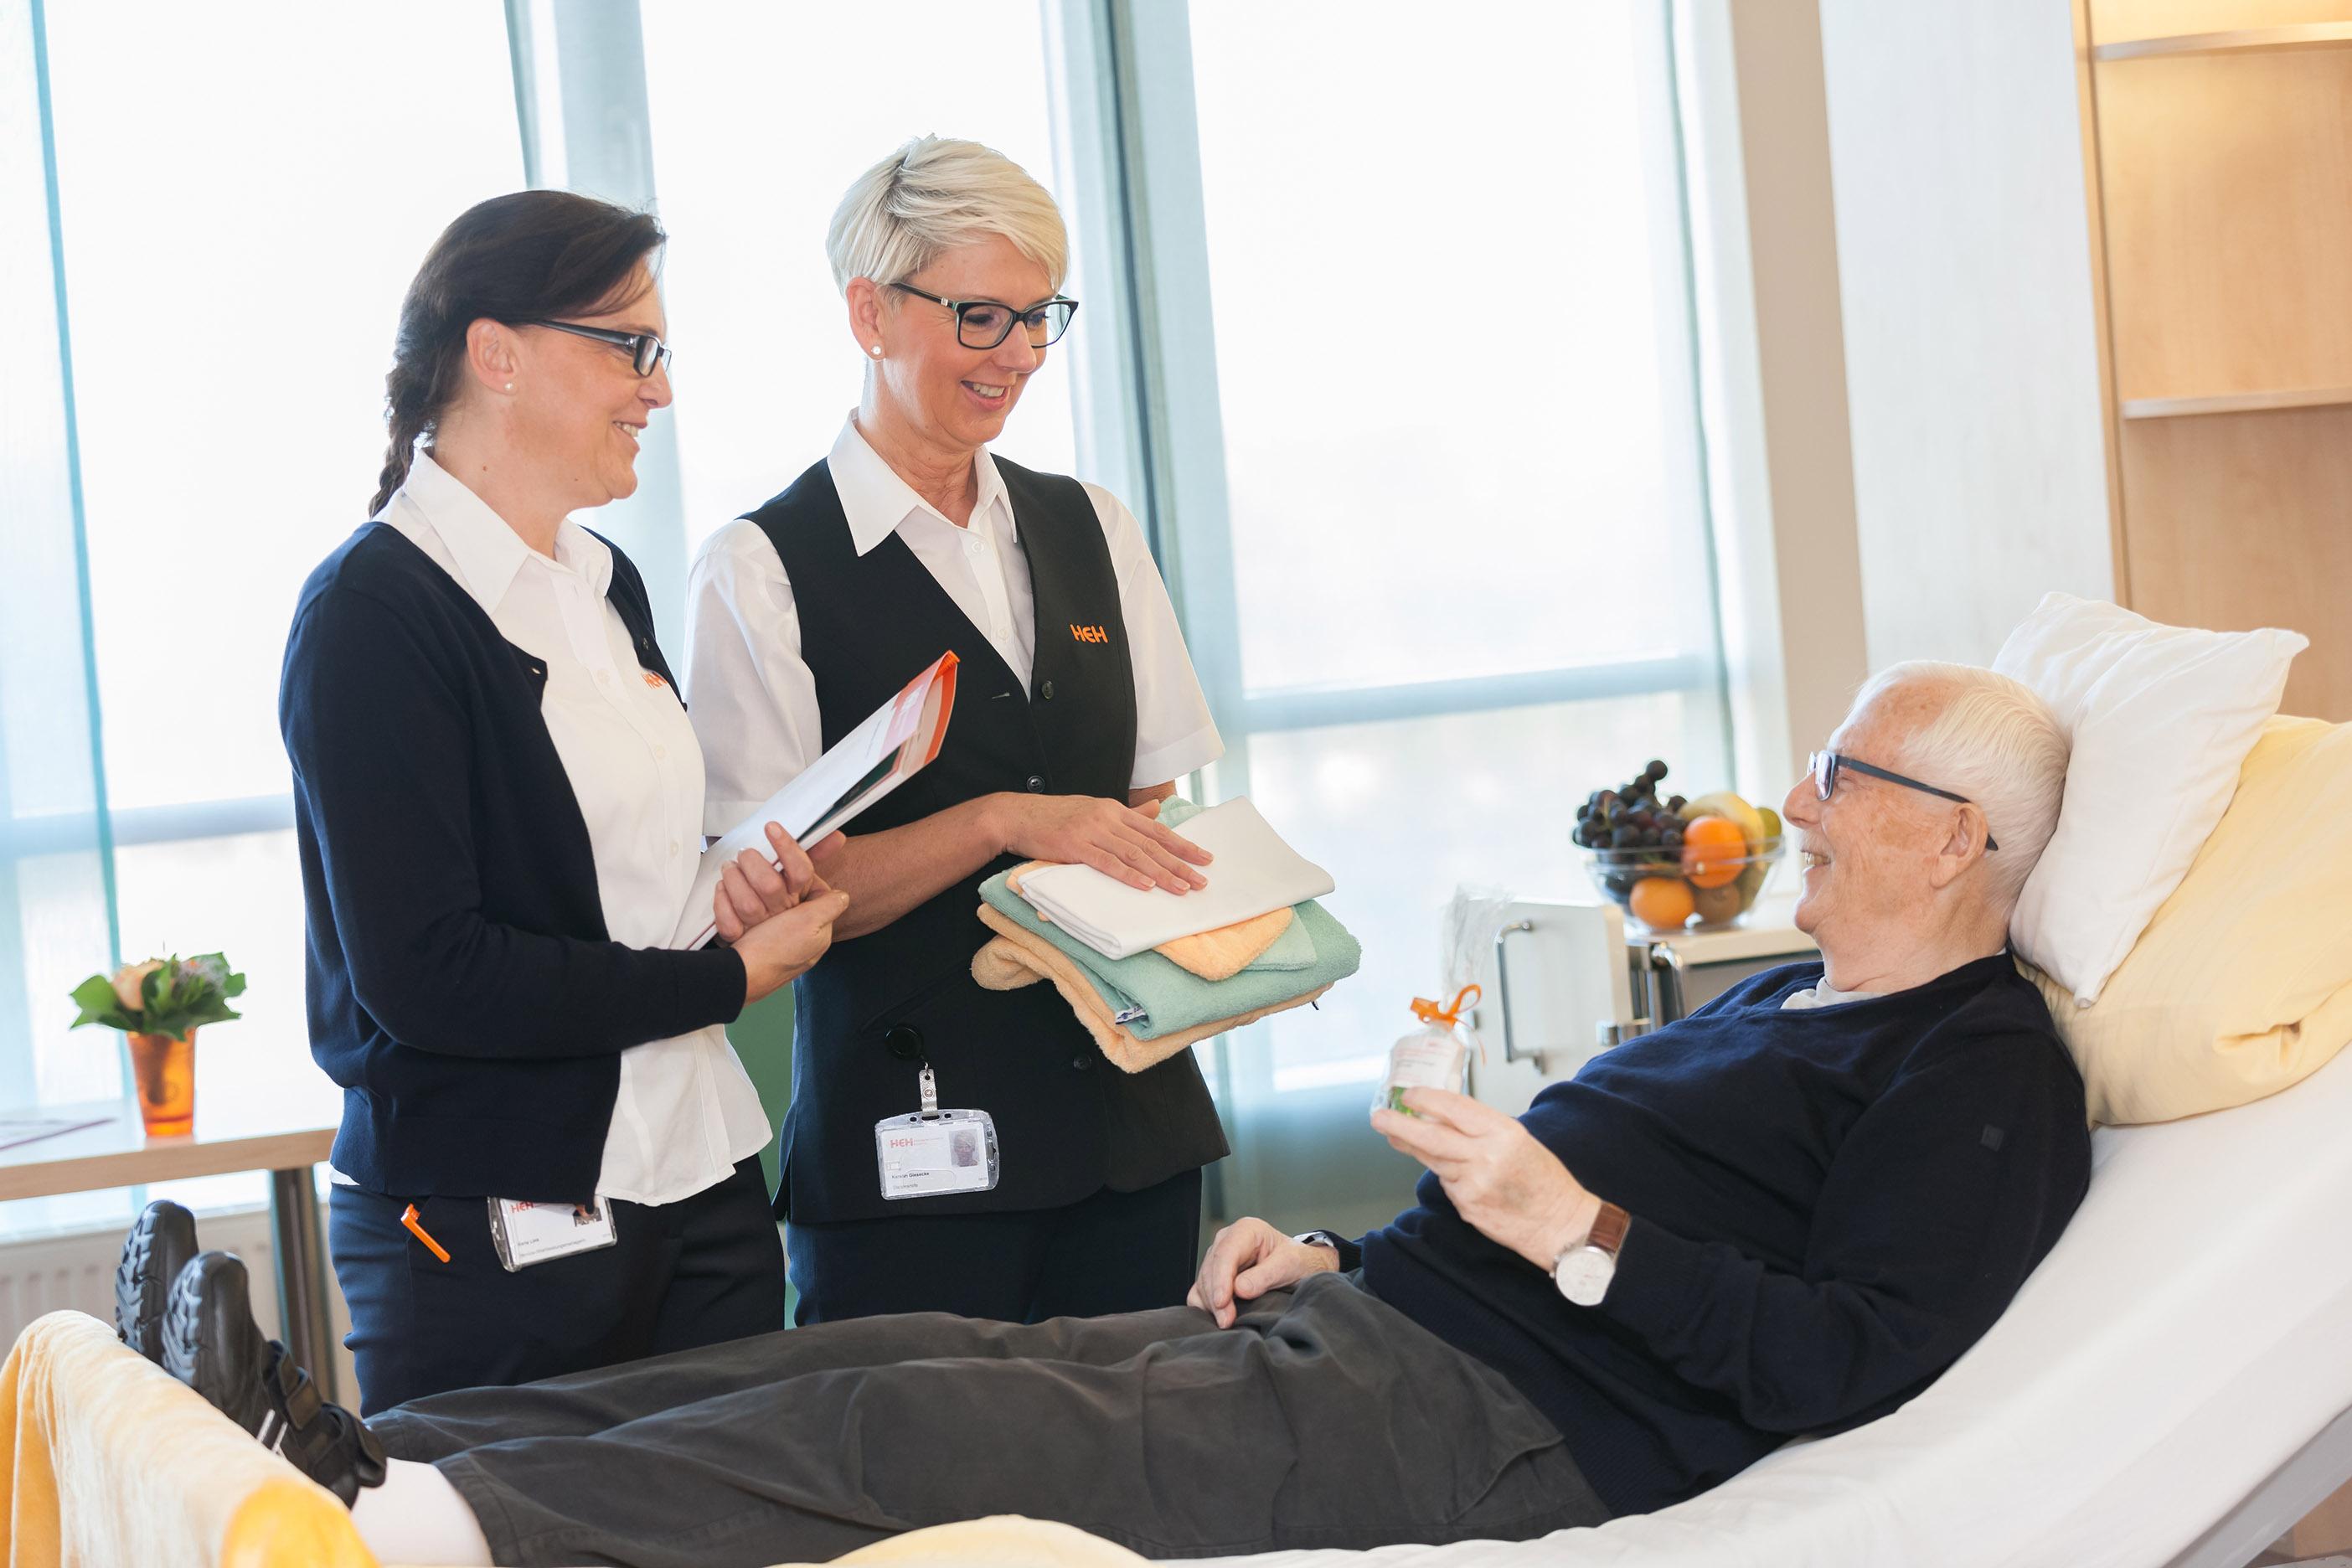 Mit Rang 82 ist das HEH als einzige Braunschweiger Klinik im bundesweiten Ranking vertreten. Foto: HEH